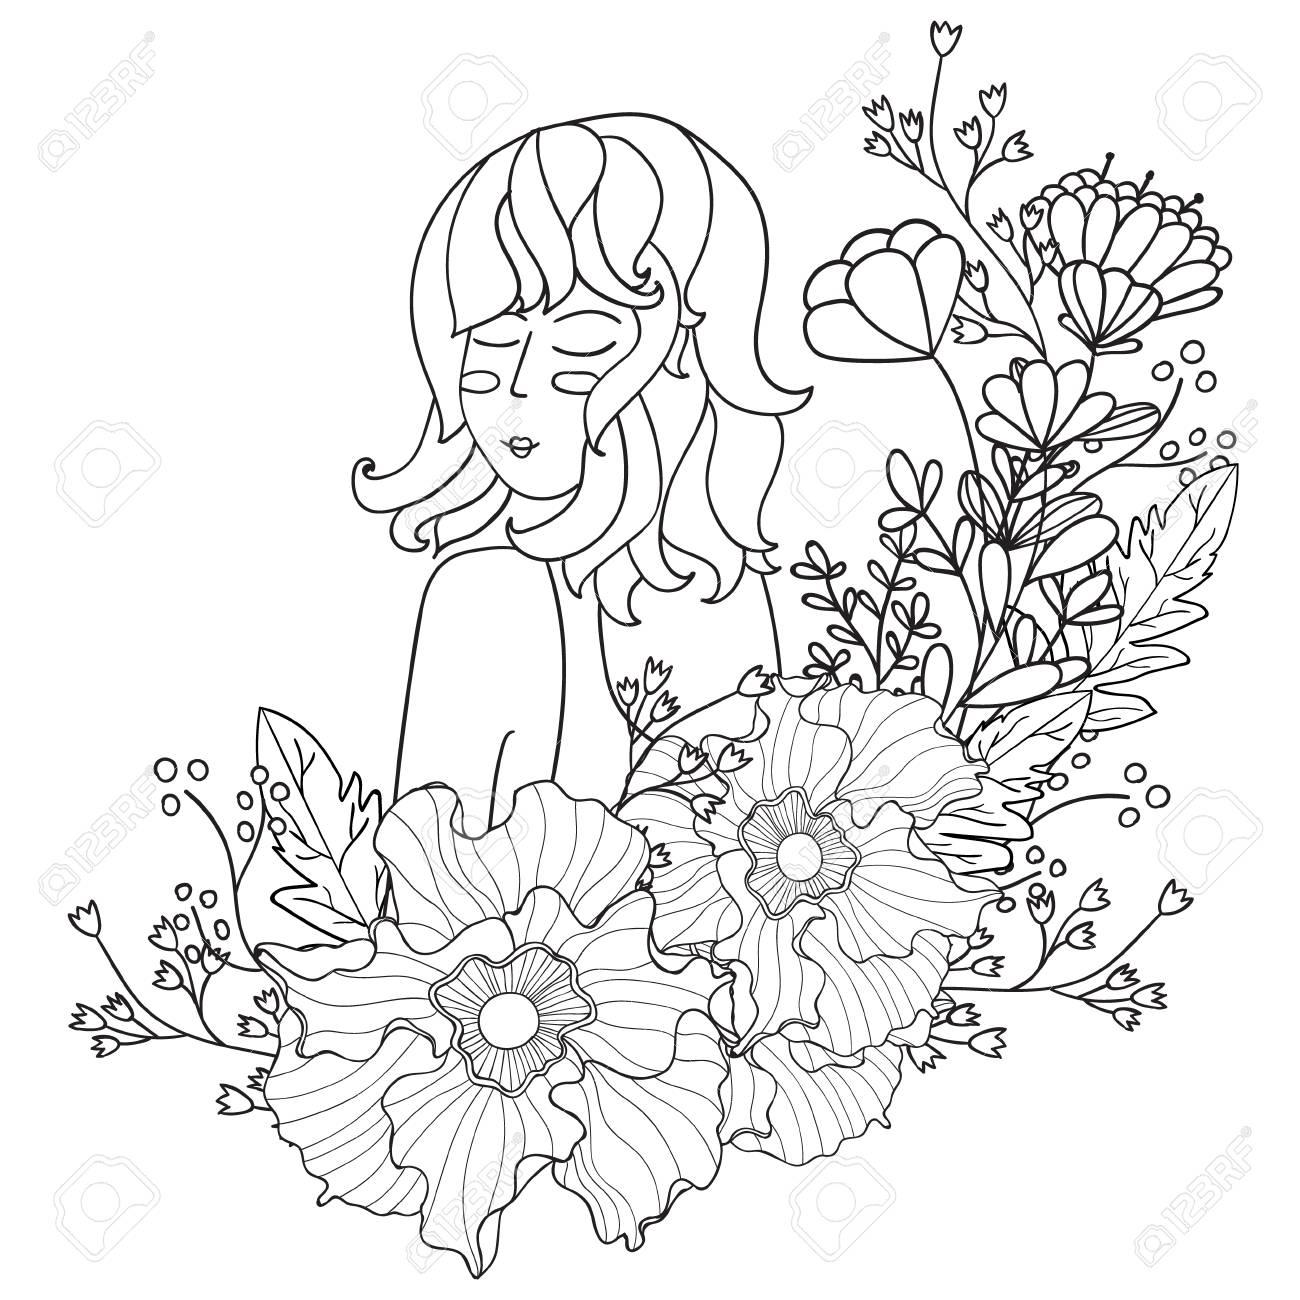 Ilustración Vectorial Negro Y Blanco De La Mujer Con Las Flores ...